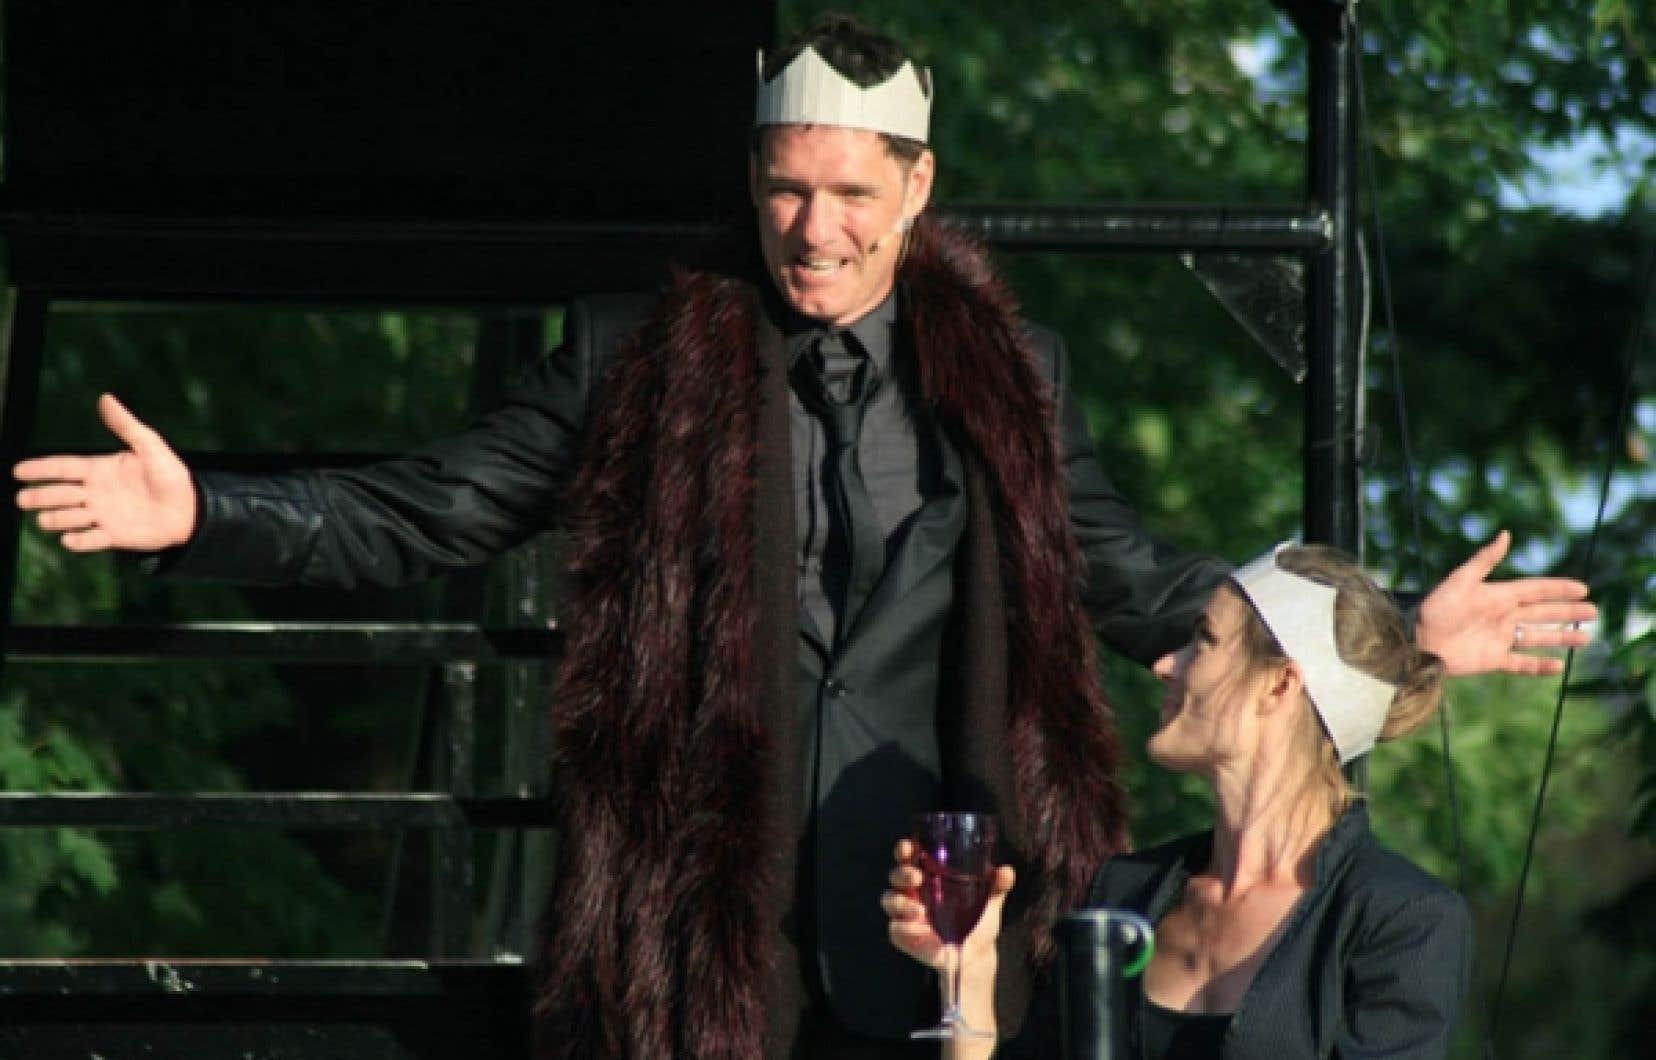 Le comédien Paul Hopkins, interprète de Macbeth, en répétition en vue de la saison estivale qui commence ce soir, de Macbeth, en tournée dans les parcs de Montréal.<br />